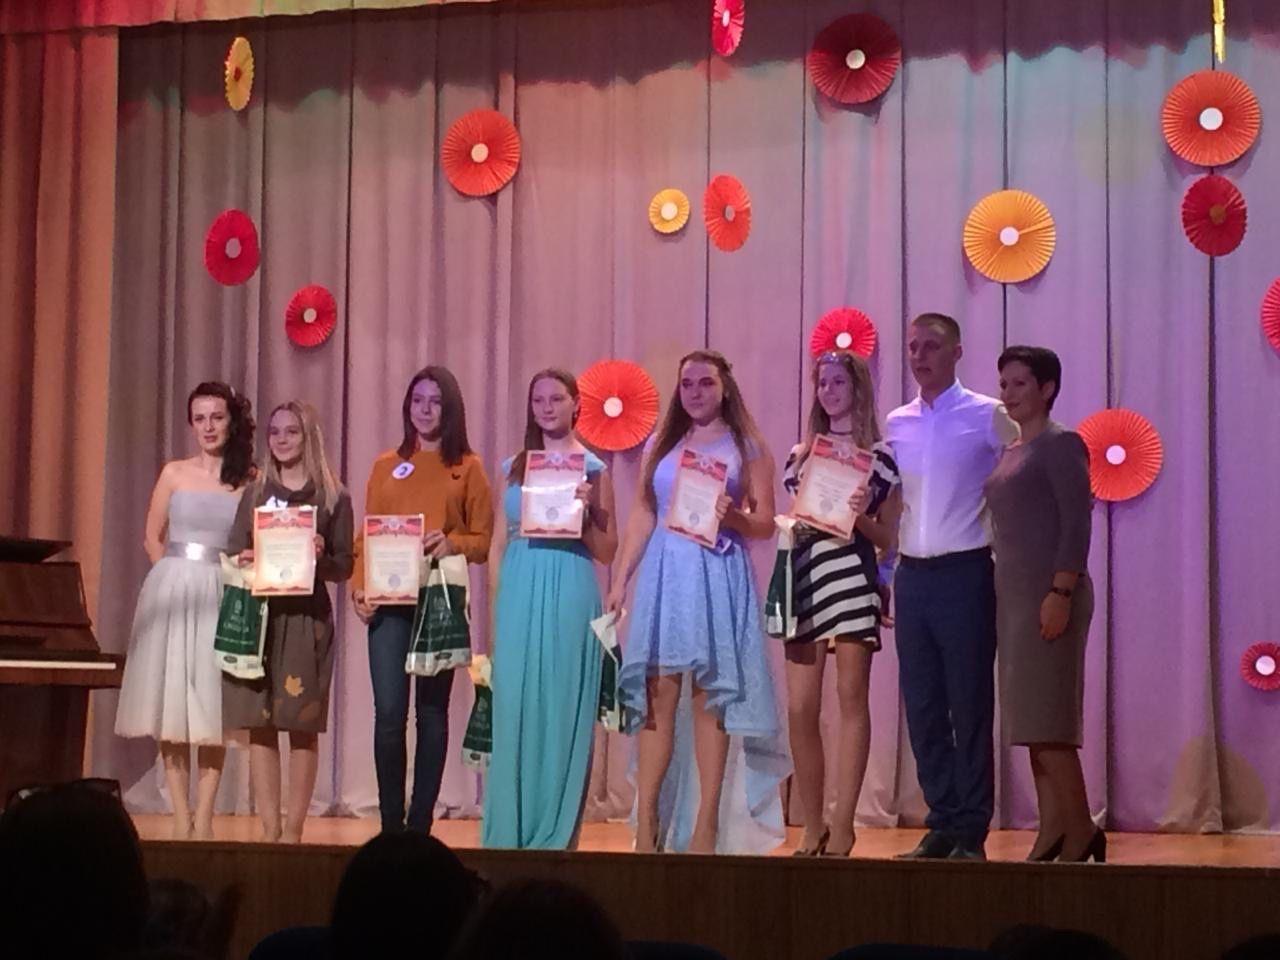 Конкурс «Мисс Осень» организовали в Щаповском